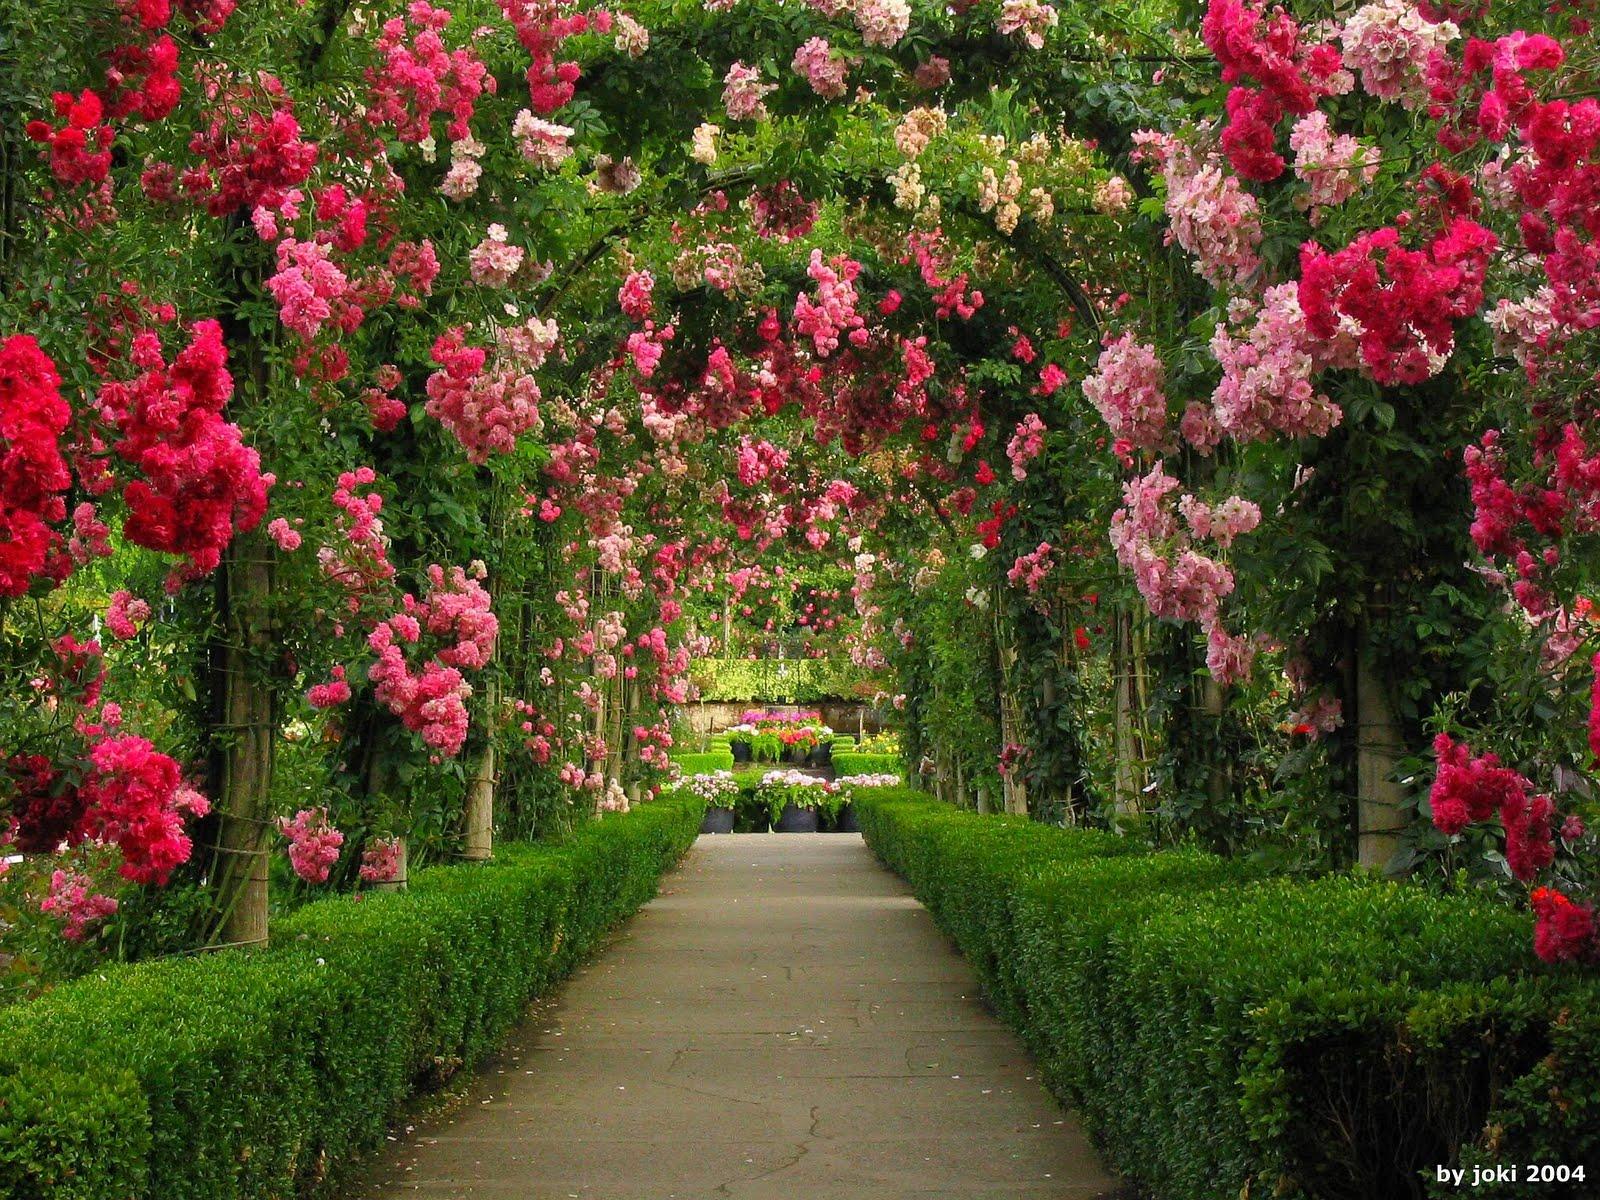 jardines espectaculares imagui